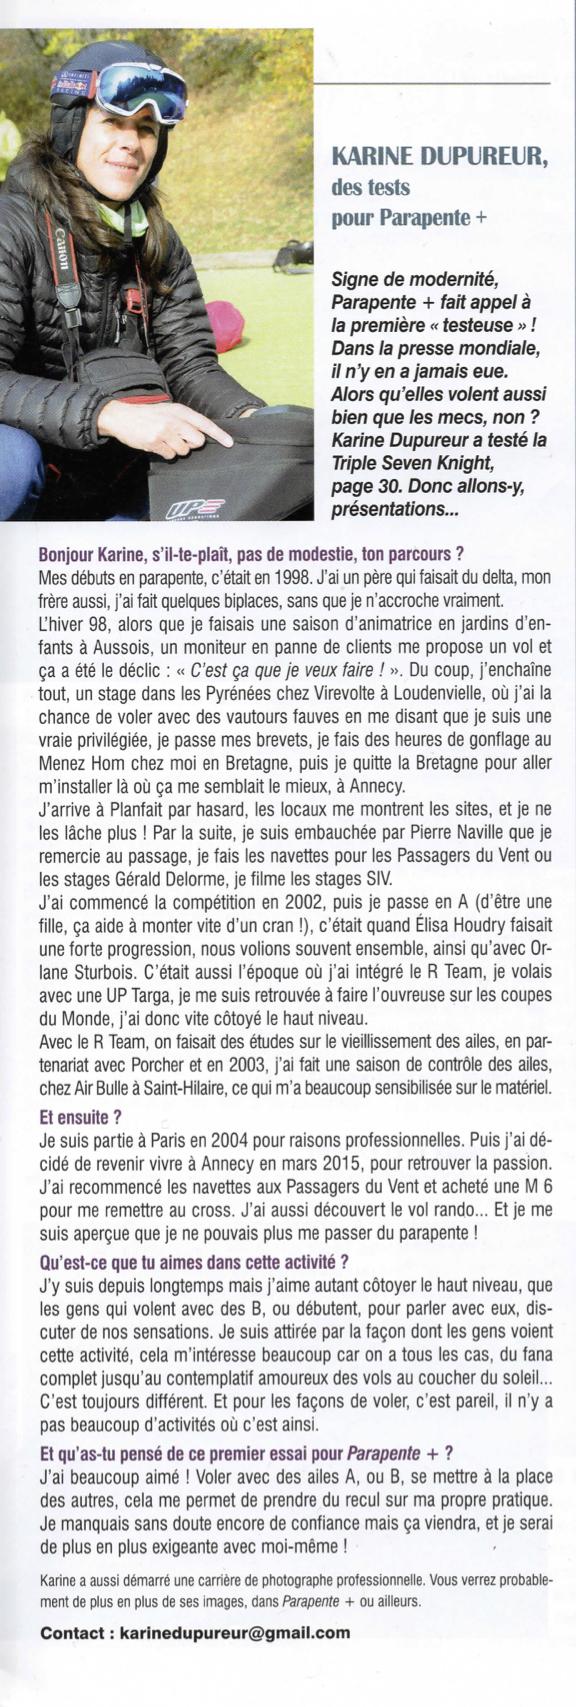 article presse présentant Karine Dupureur, auteur pour la presse spécialisée dans le parapente